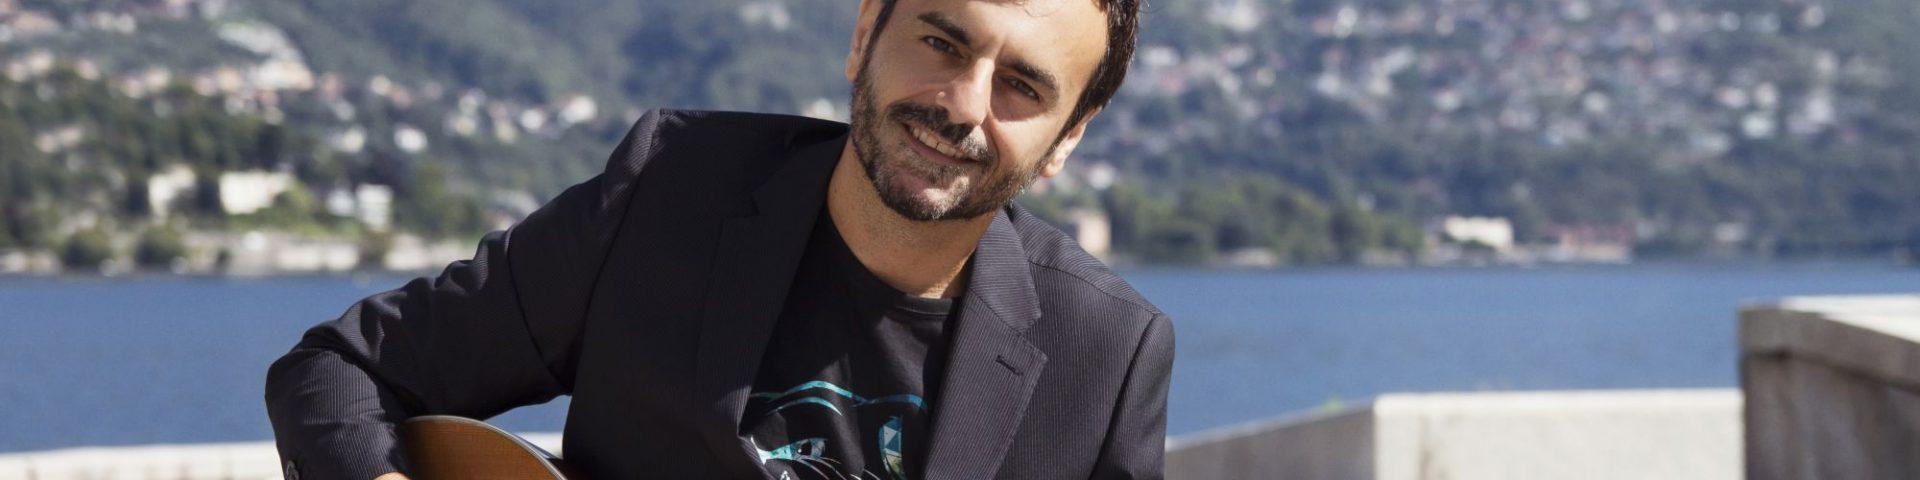 """Davide De Marinis: """"Nel nuovo album anche una nuova versione di 'Troppo bella'"""" - Intervista"""